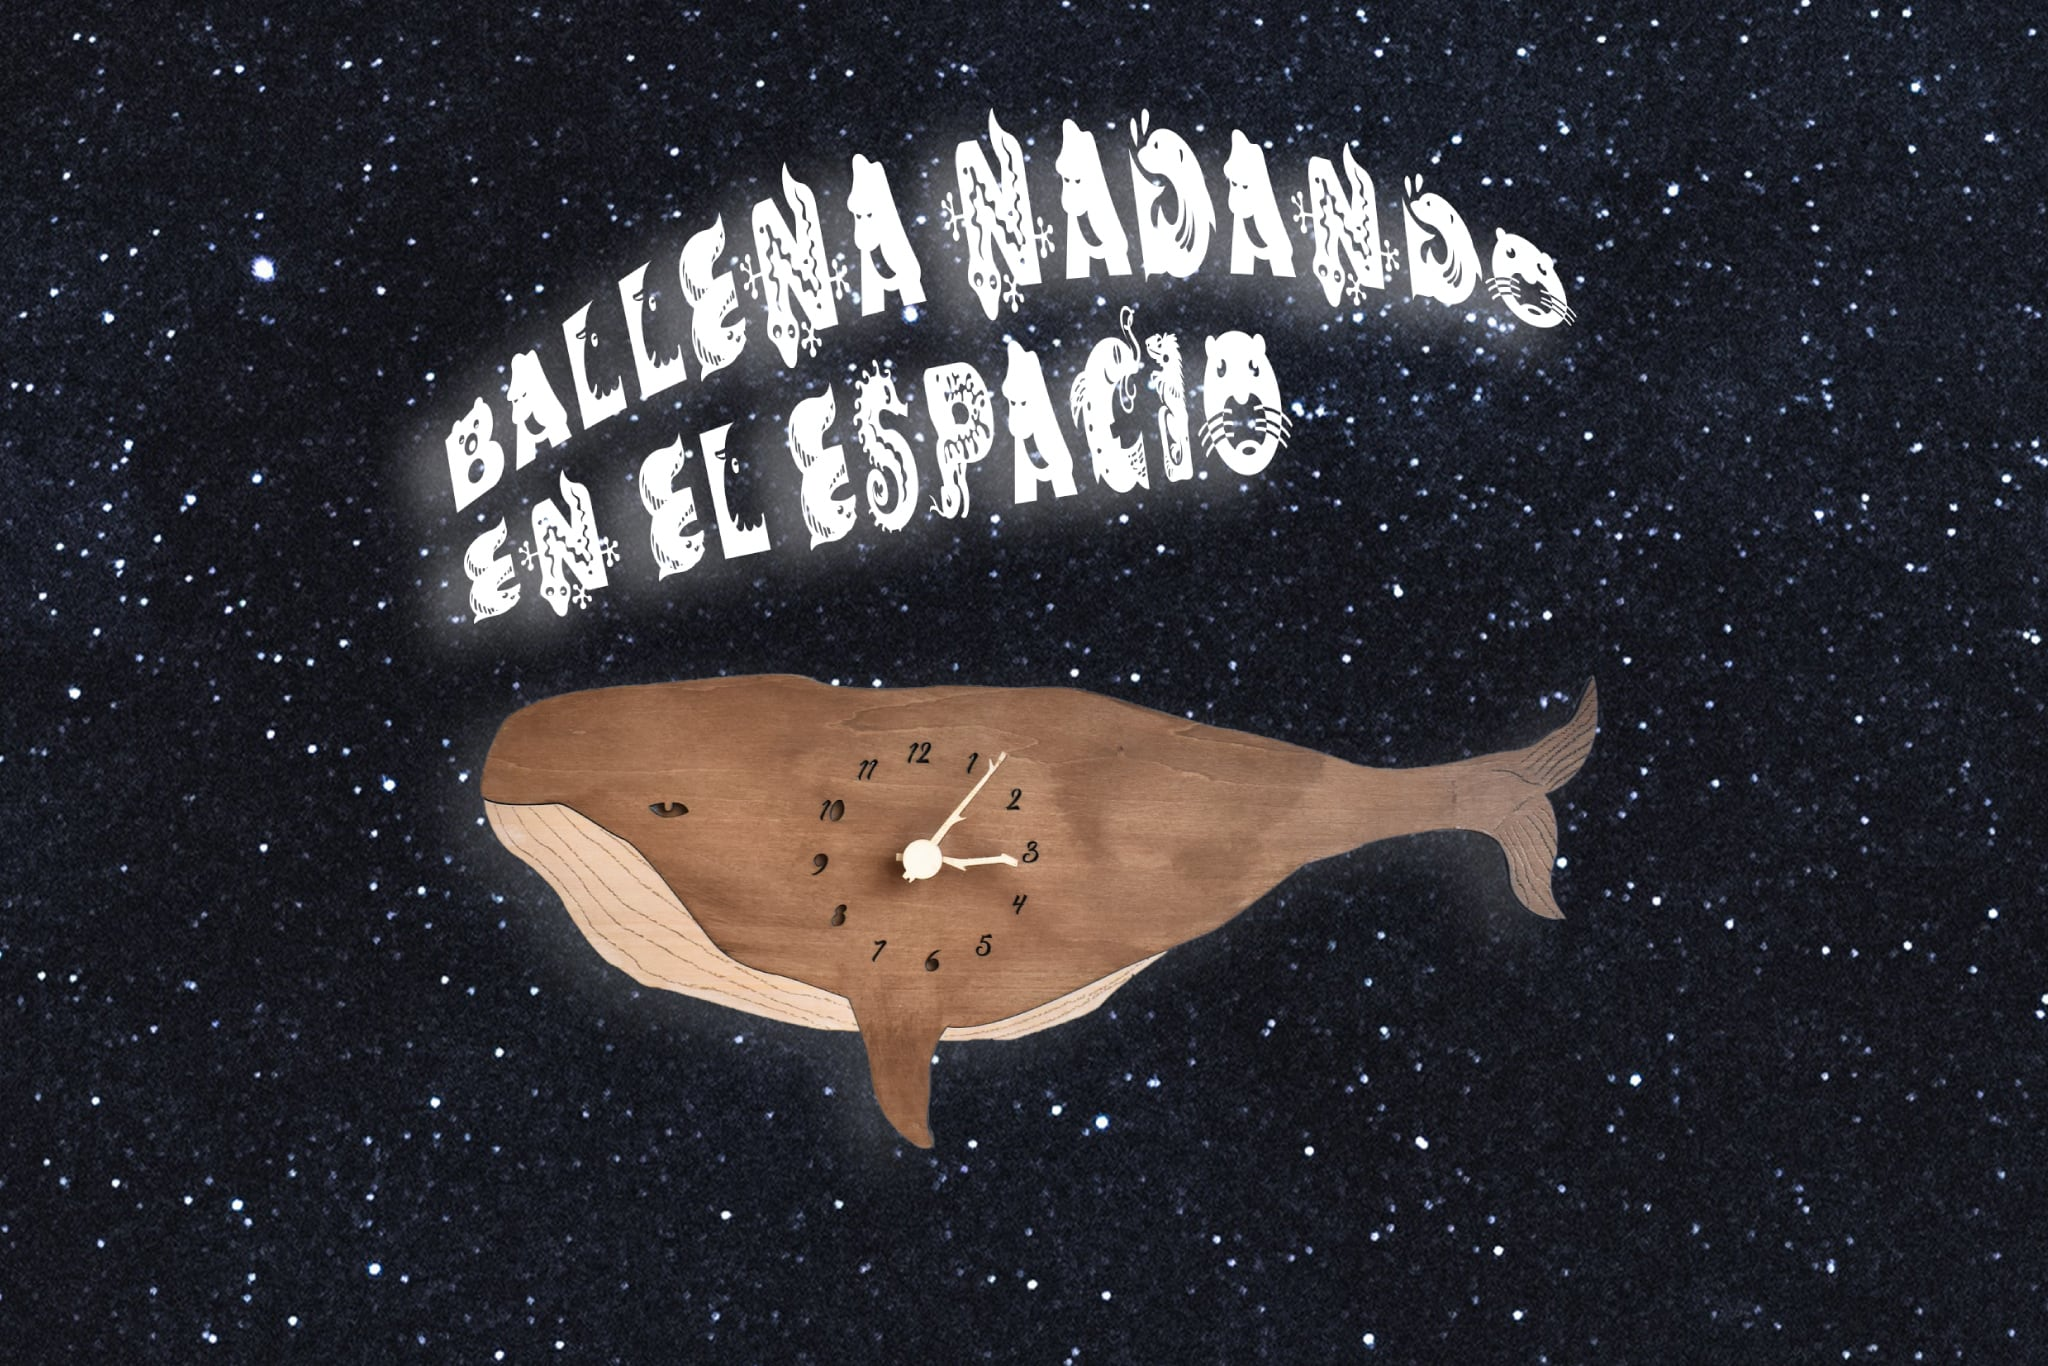 ナガスクジラが宇宙を泳ぐ時計 木製 掛け時計